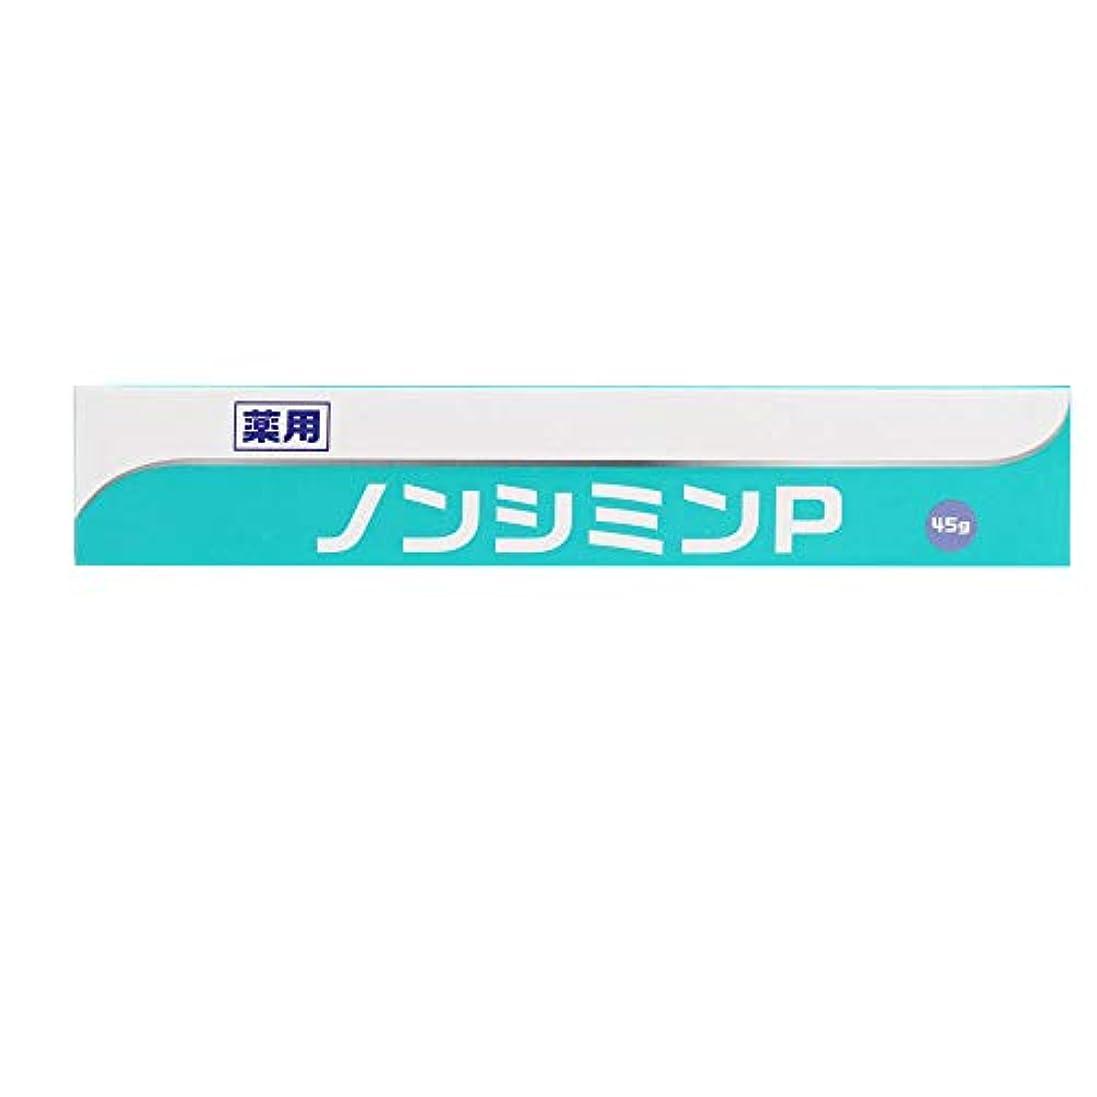 また明日ねカリキュラム法廷薬用ノンシミンP 45g ジェルタイプ 医薬部外品